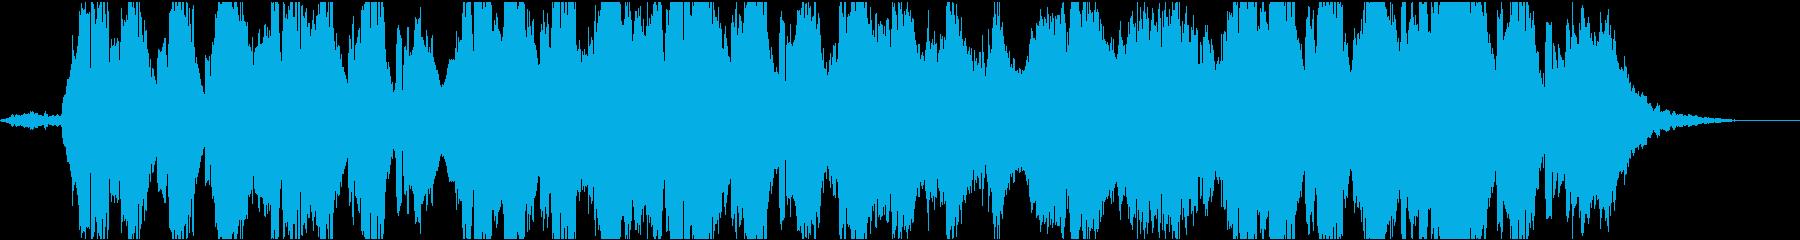 ストリングスとフルートの切ないバラード の再生済みの波形